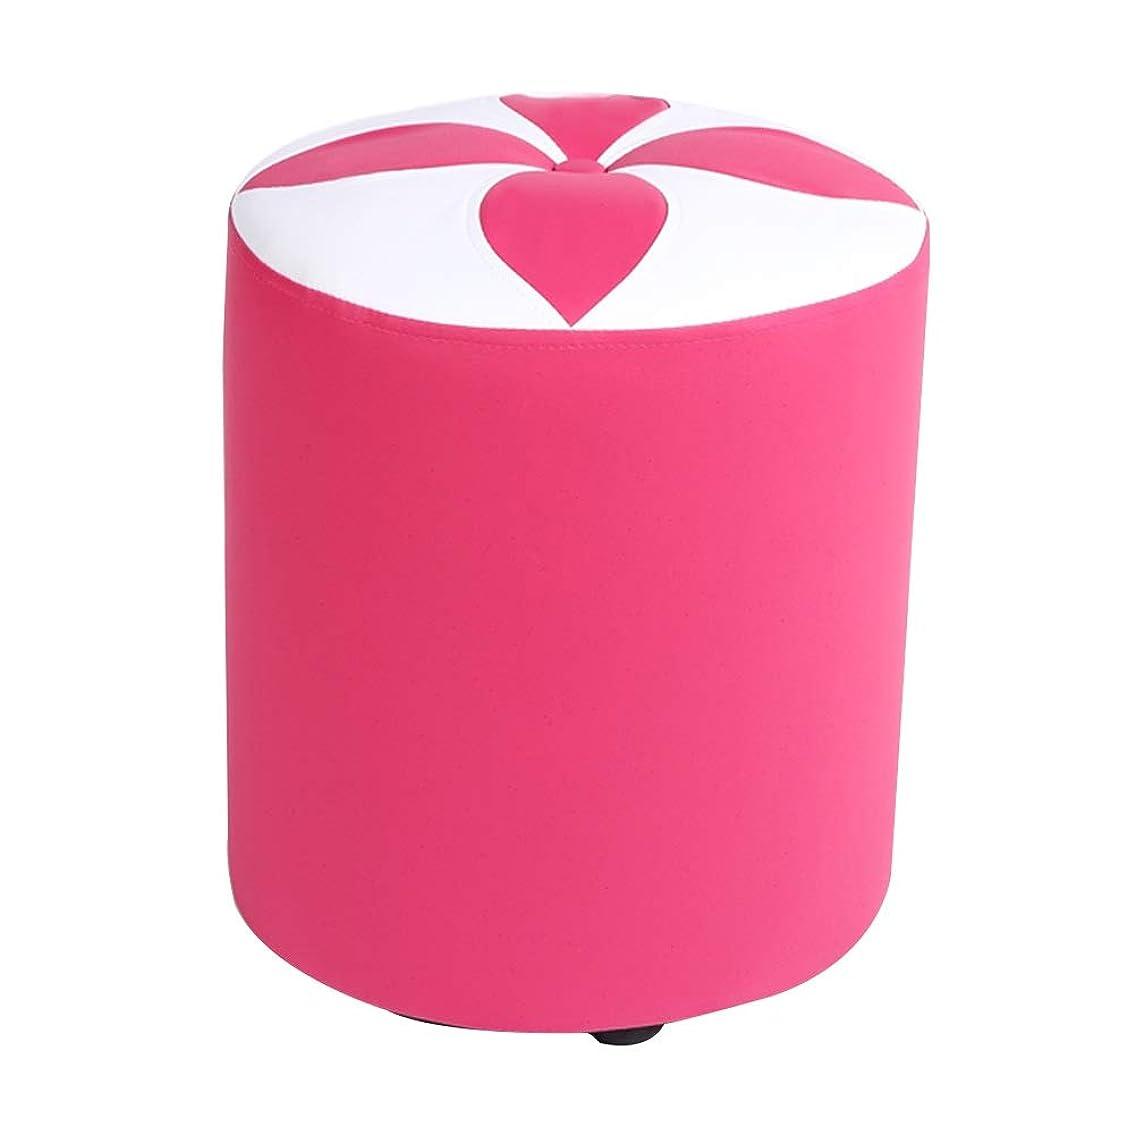 冷蔵庫頬控えるフットスツール 屋内 無垢材フレーム コーヒーテーブルスツール 無地PU リビングルーム ロースツール、 2サイズ 5色 (色 : ピンク, サイズ さいず : 31x31x35cm)